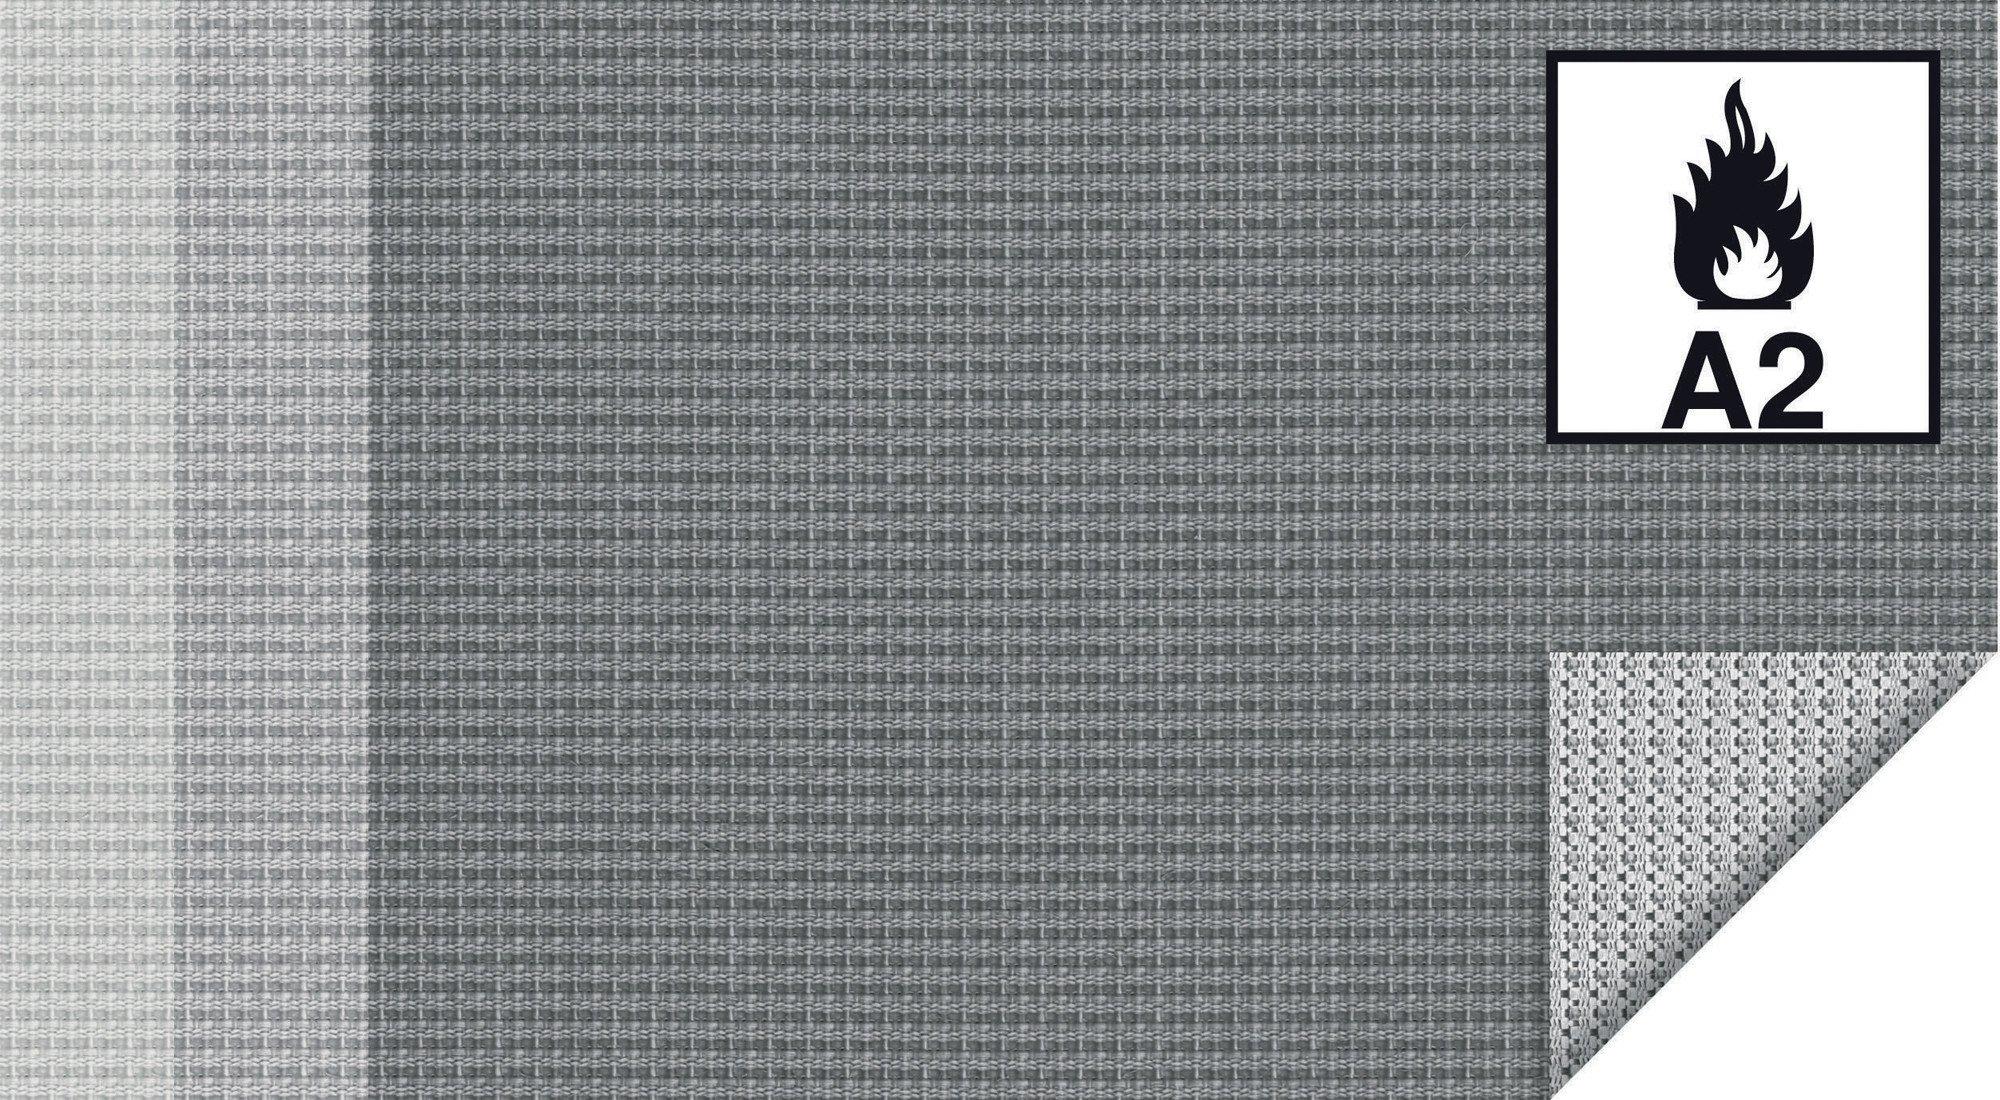 nicht brennbares sonnenschutz gewebe brandschutz news produkte baunetz wissen. Black Bedroom Furniture Sets. Home Design Ideas